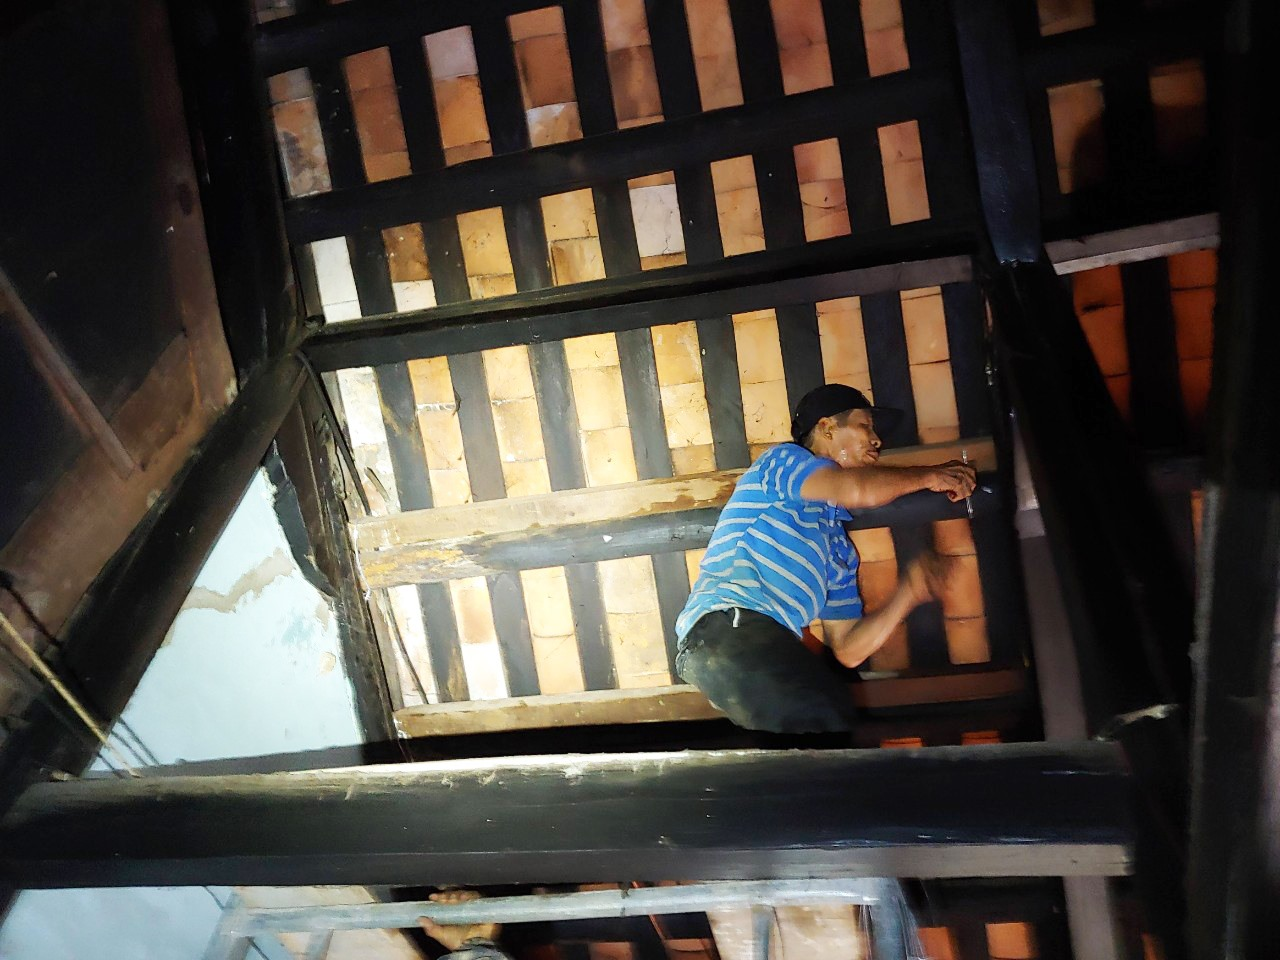 Chèn chống, bảo vệ một di tích nhà cổ bị hư hại trước mùa mưa lũ. Ảnh: H.S